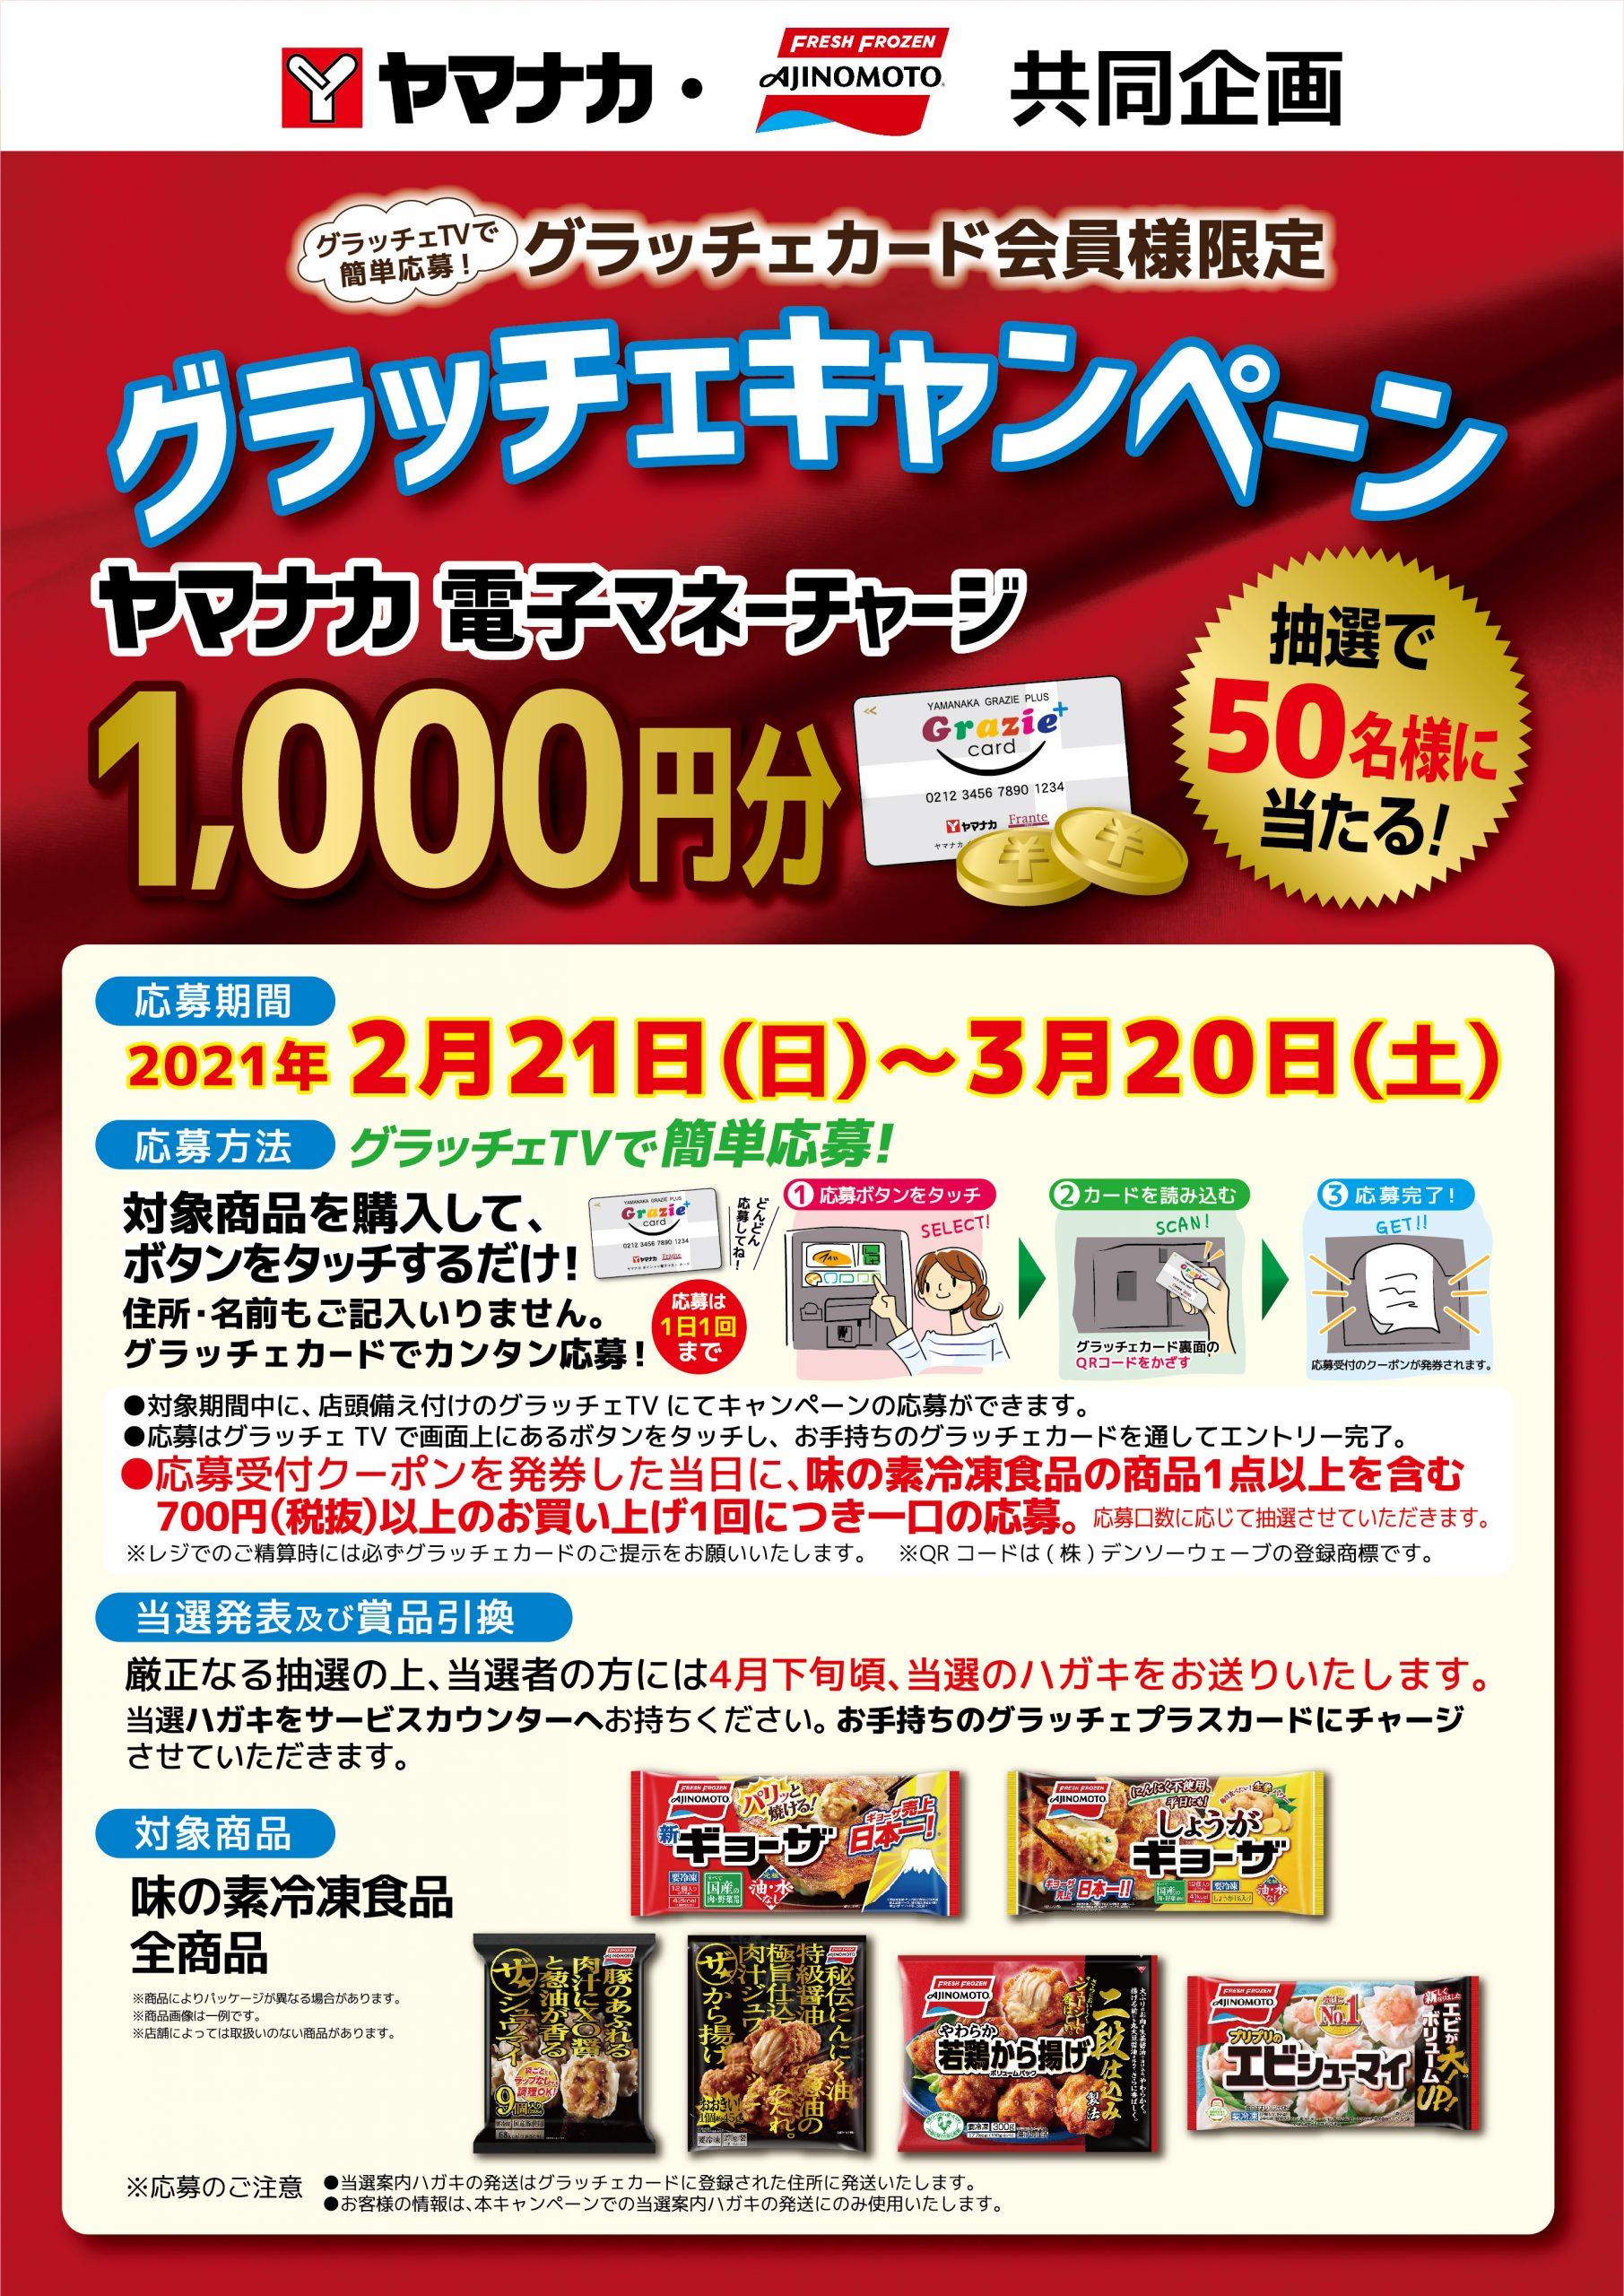 https://www.super-yamanaka.co.jp/wp/super/wp-content/uploads/2021/02/0221azinomoto-scaled.jpg